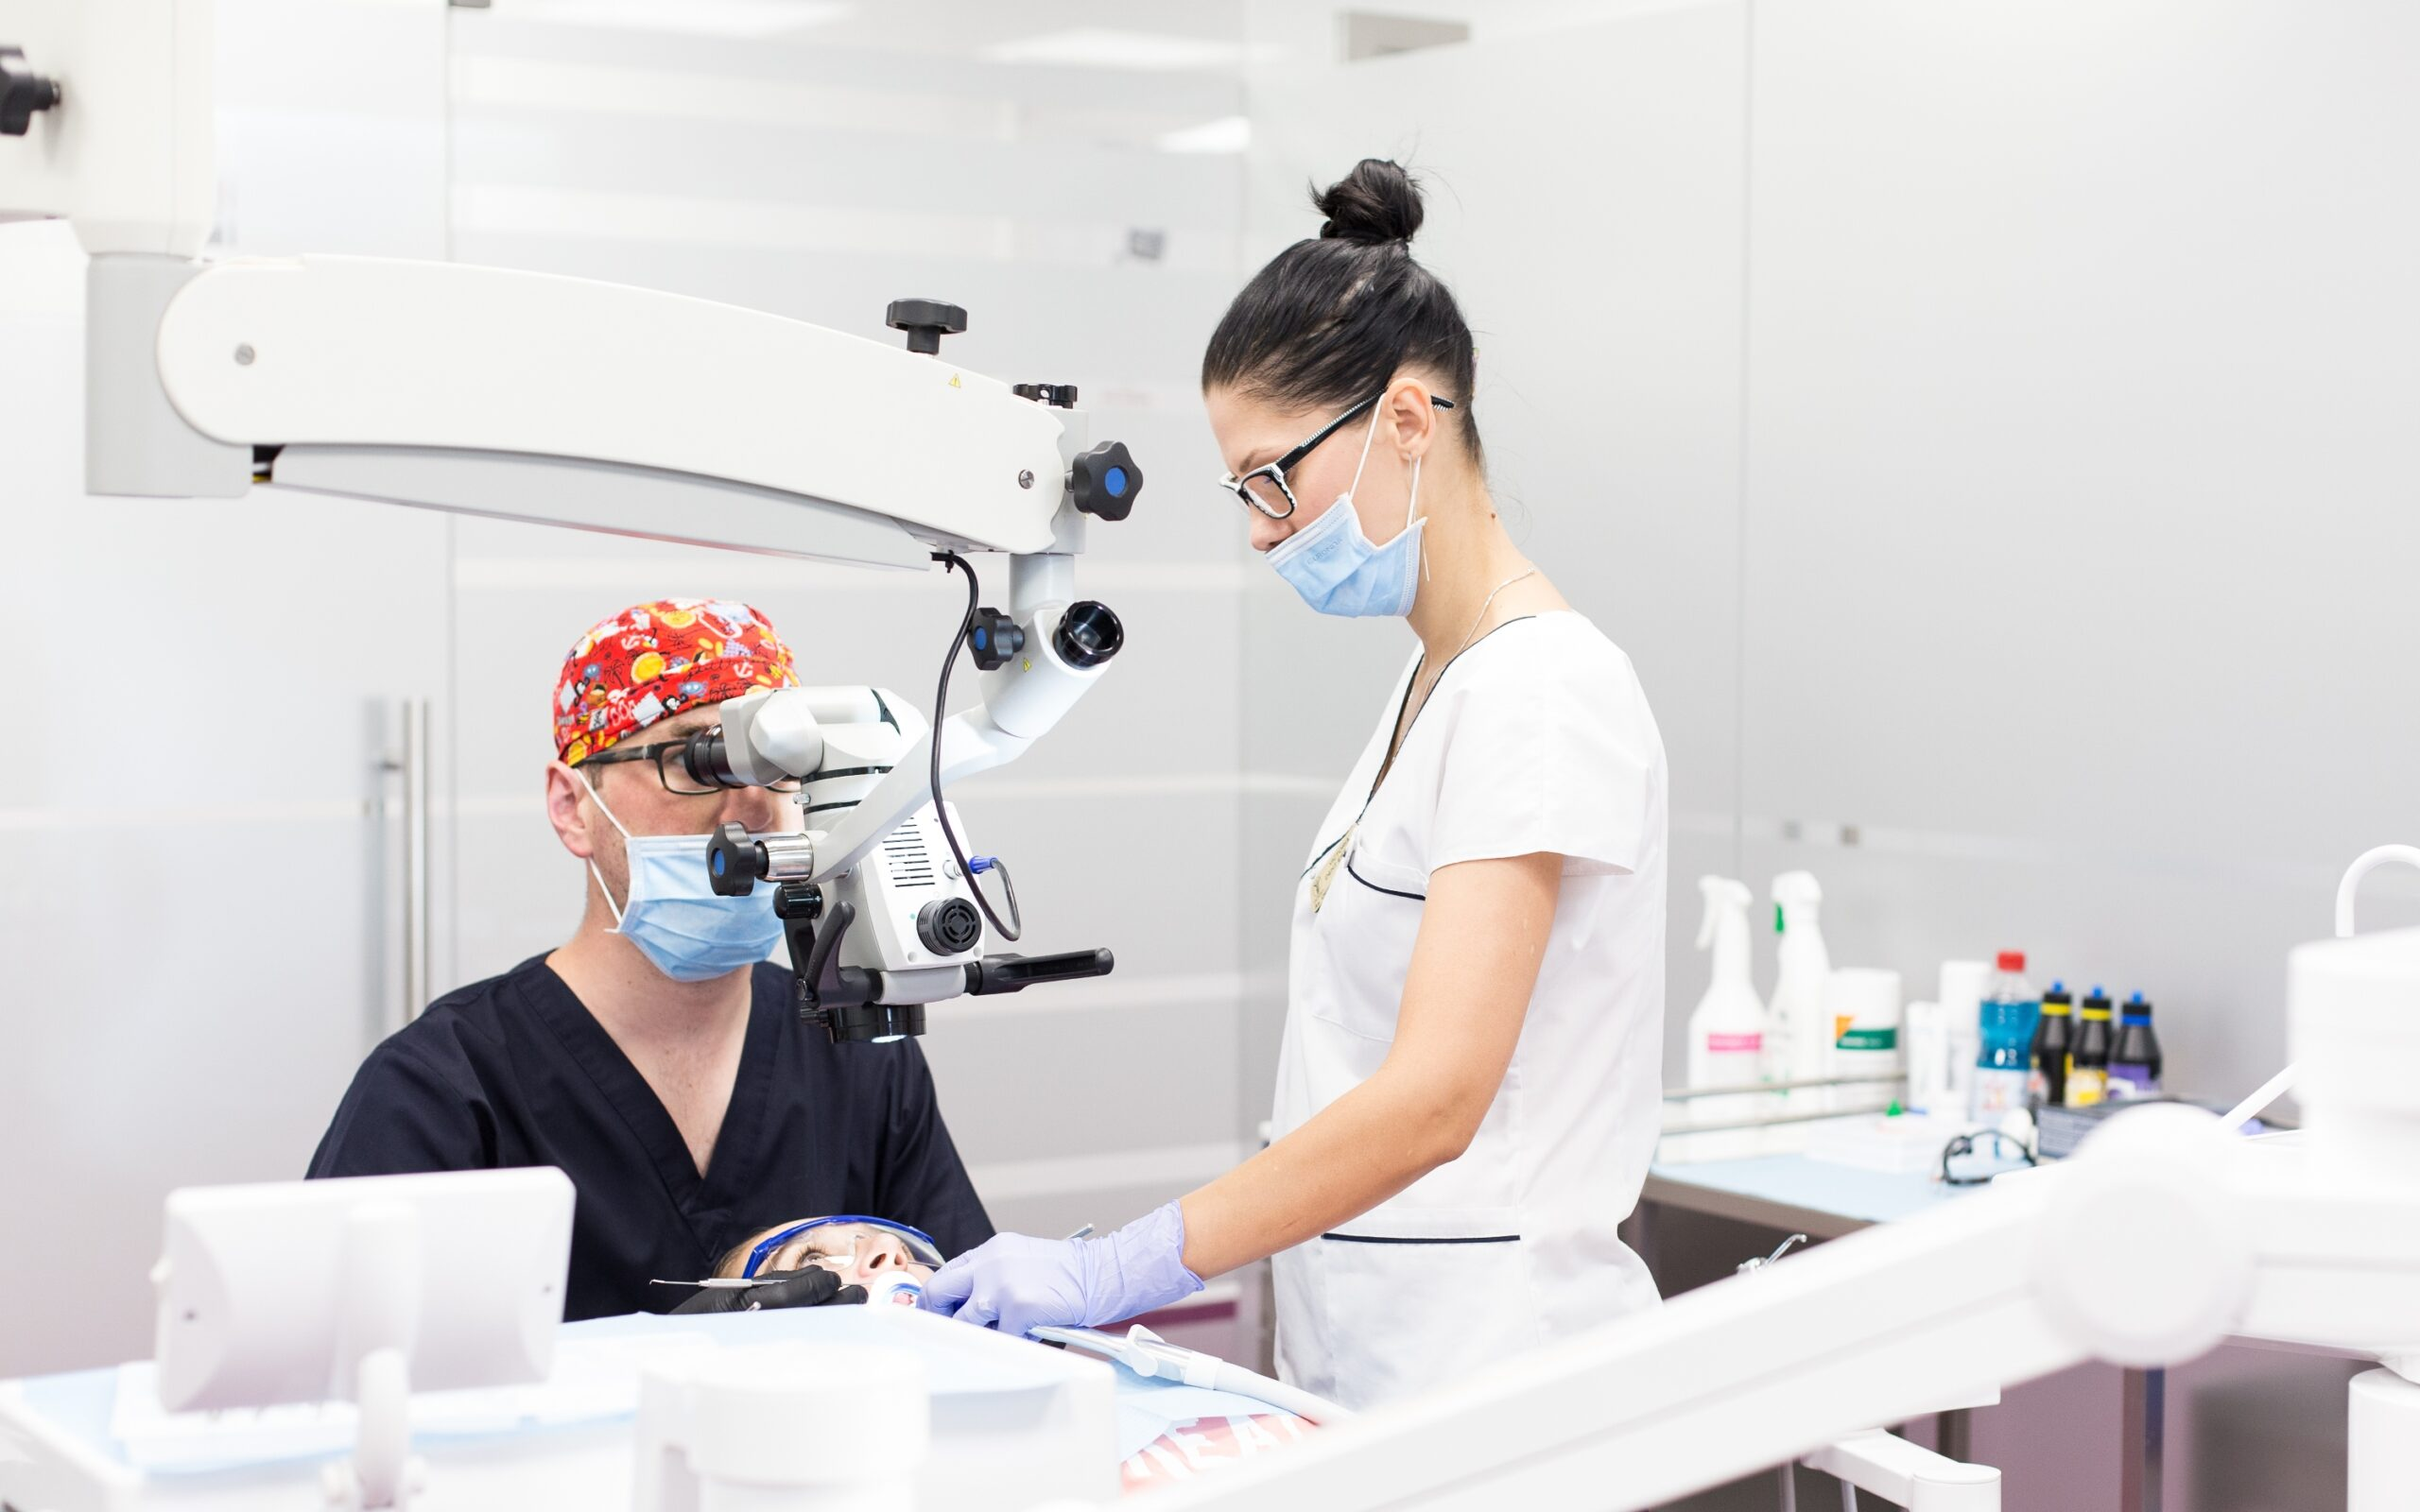 Fondul de investiții Equiliant Capital investește în rețeaua de clinici stomatologice Clinica Victoria